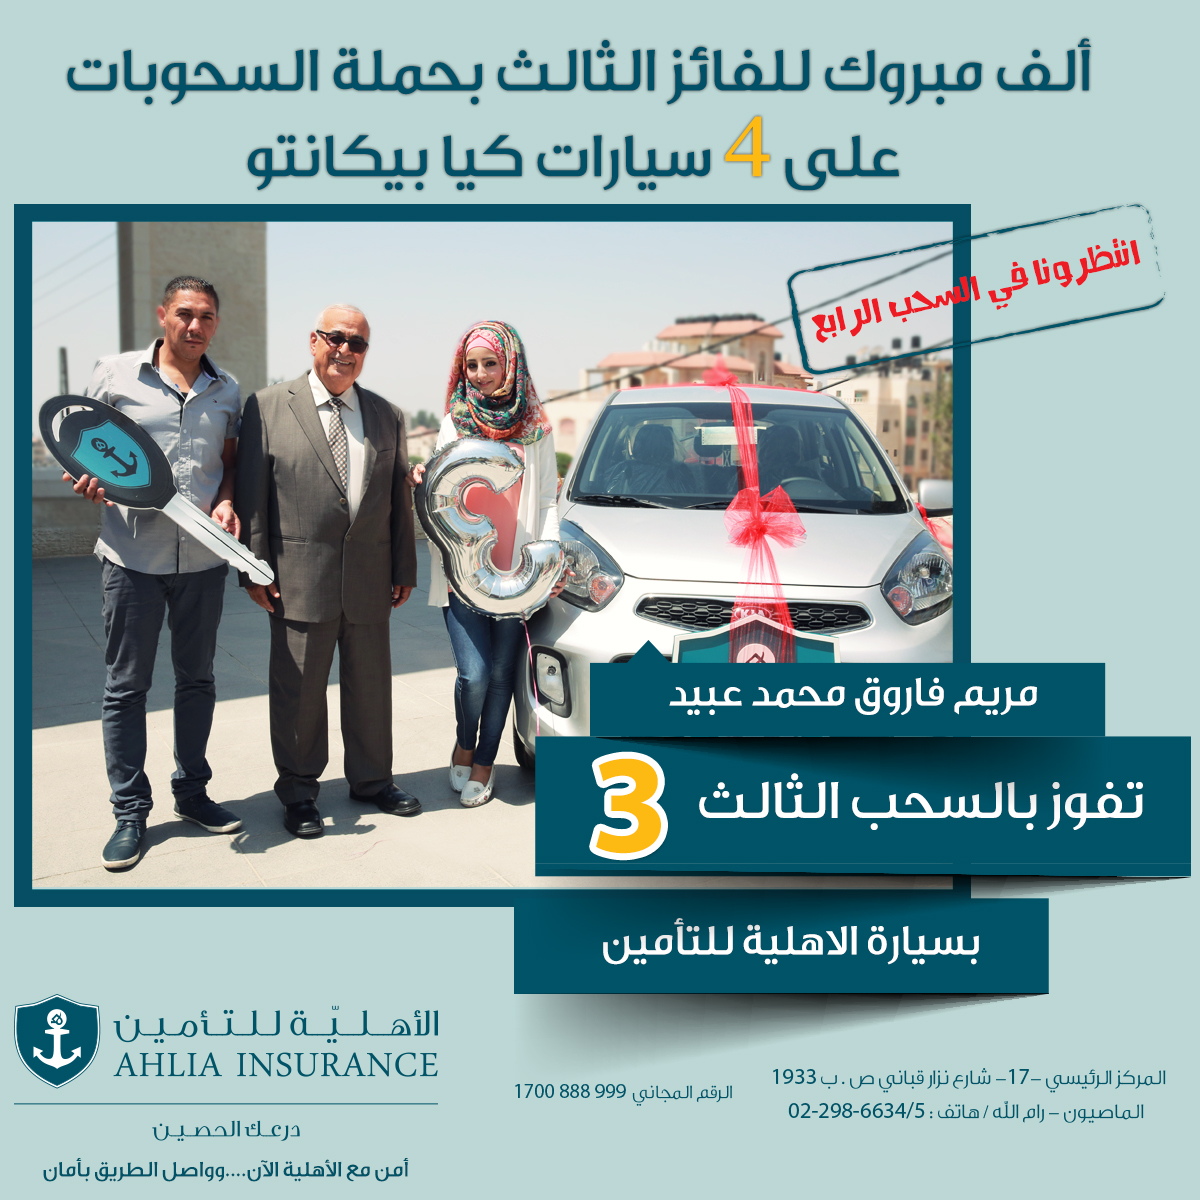 المجموعة الأهلية للتأمين تجري السحب الثالث وتعلن اسم الفائز بسيارة كيا بيكانتو 2015